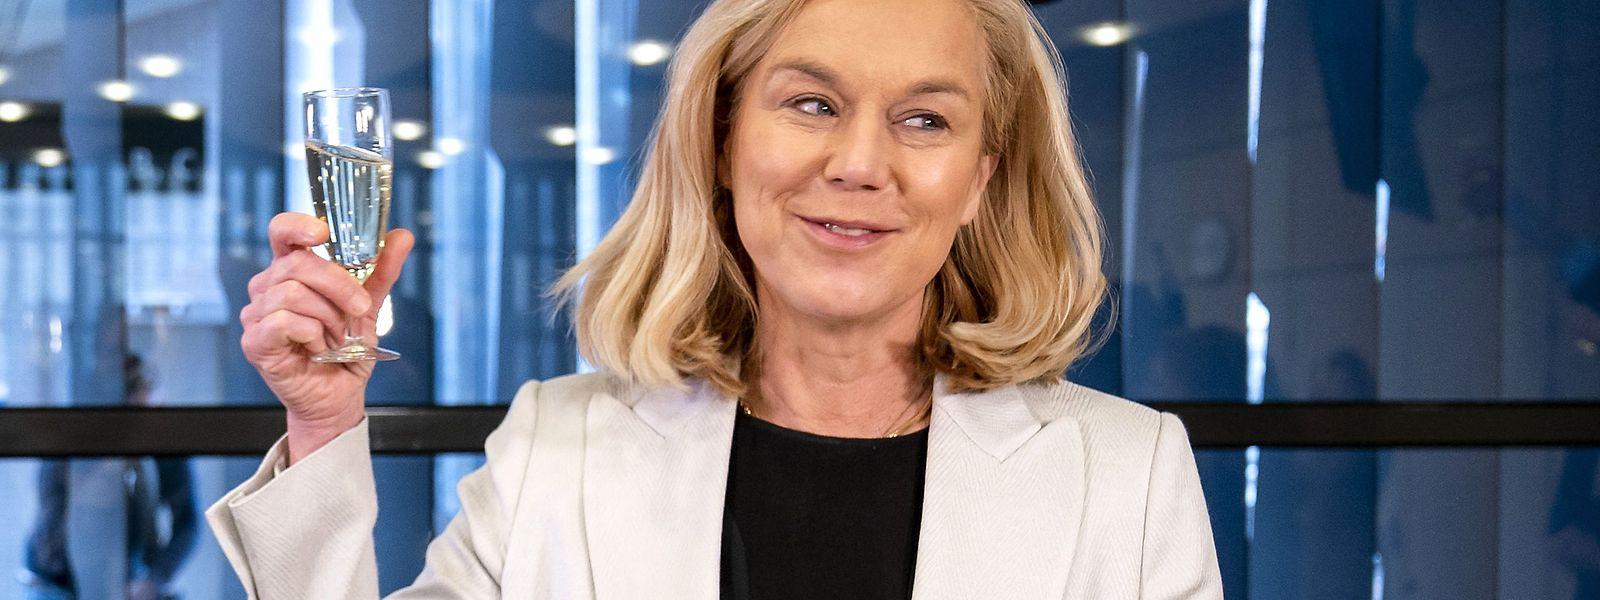 Sigrid Kaag hatte bei der Wahl allen Grund zum Feiern.